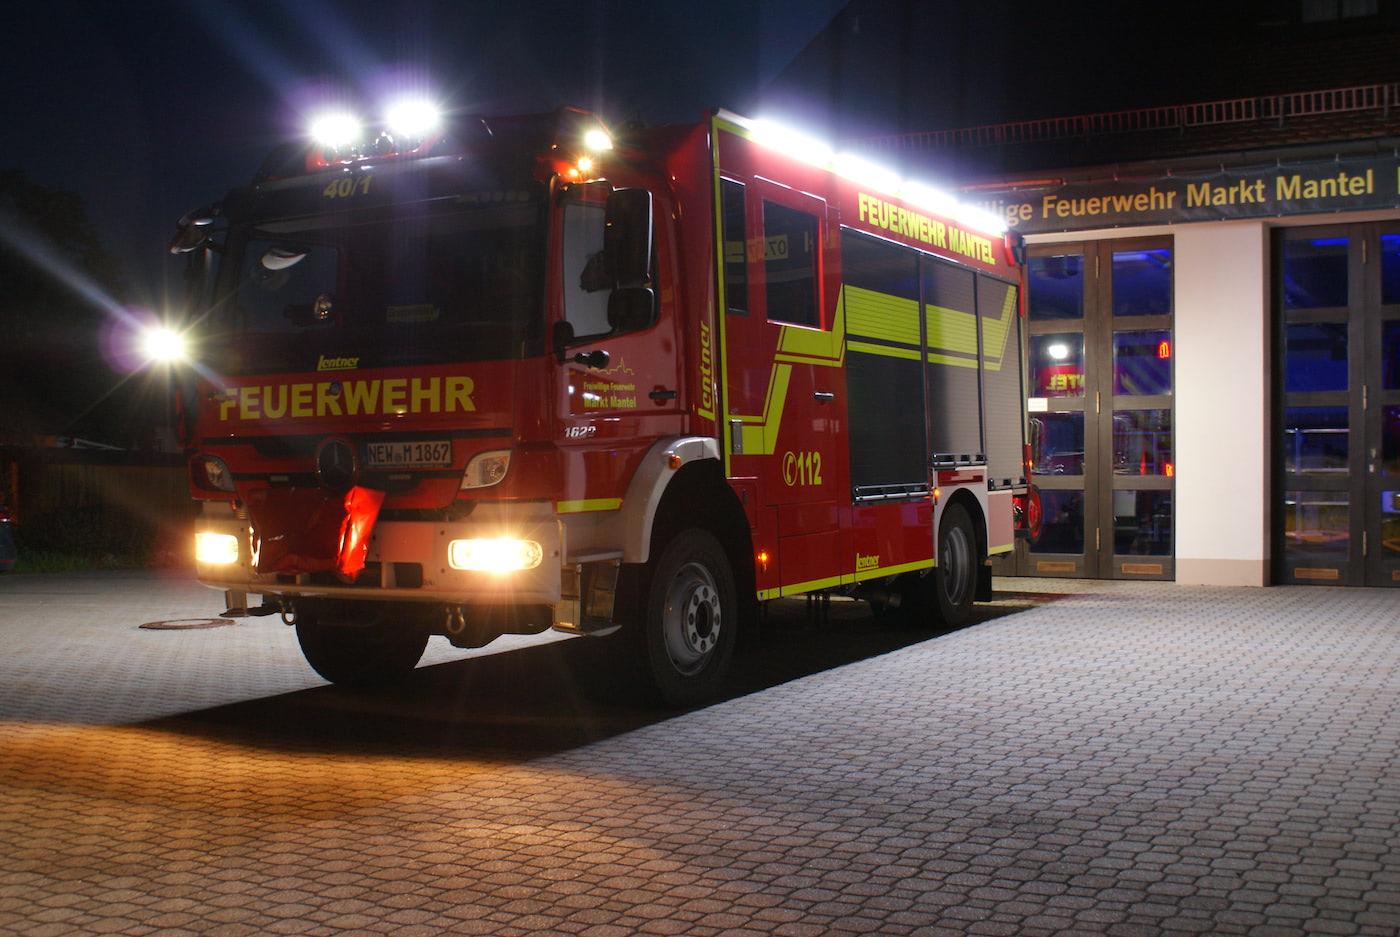 Freiwillige Mantel Feuerwehr 20 Lf LqSUMVzGp